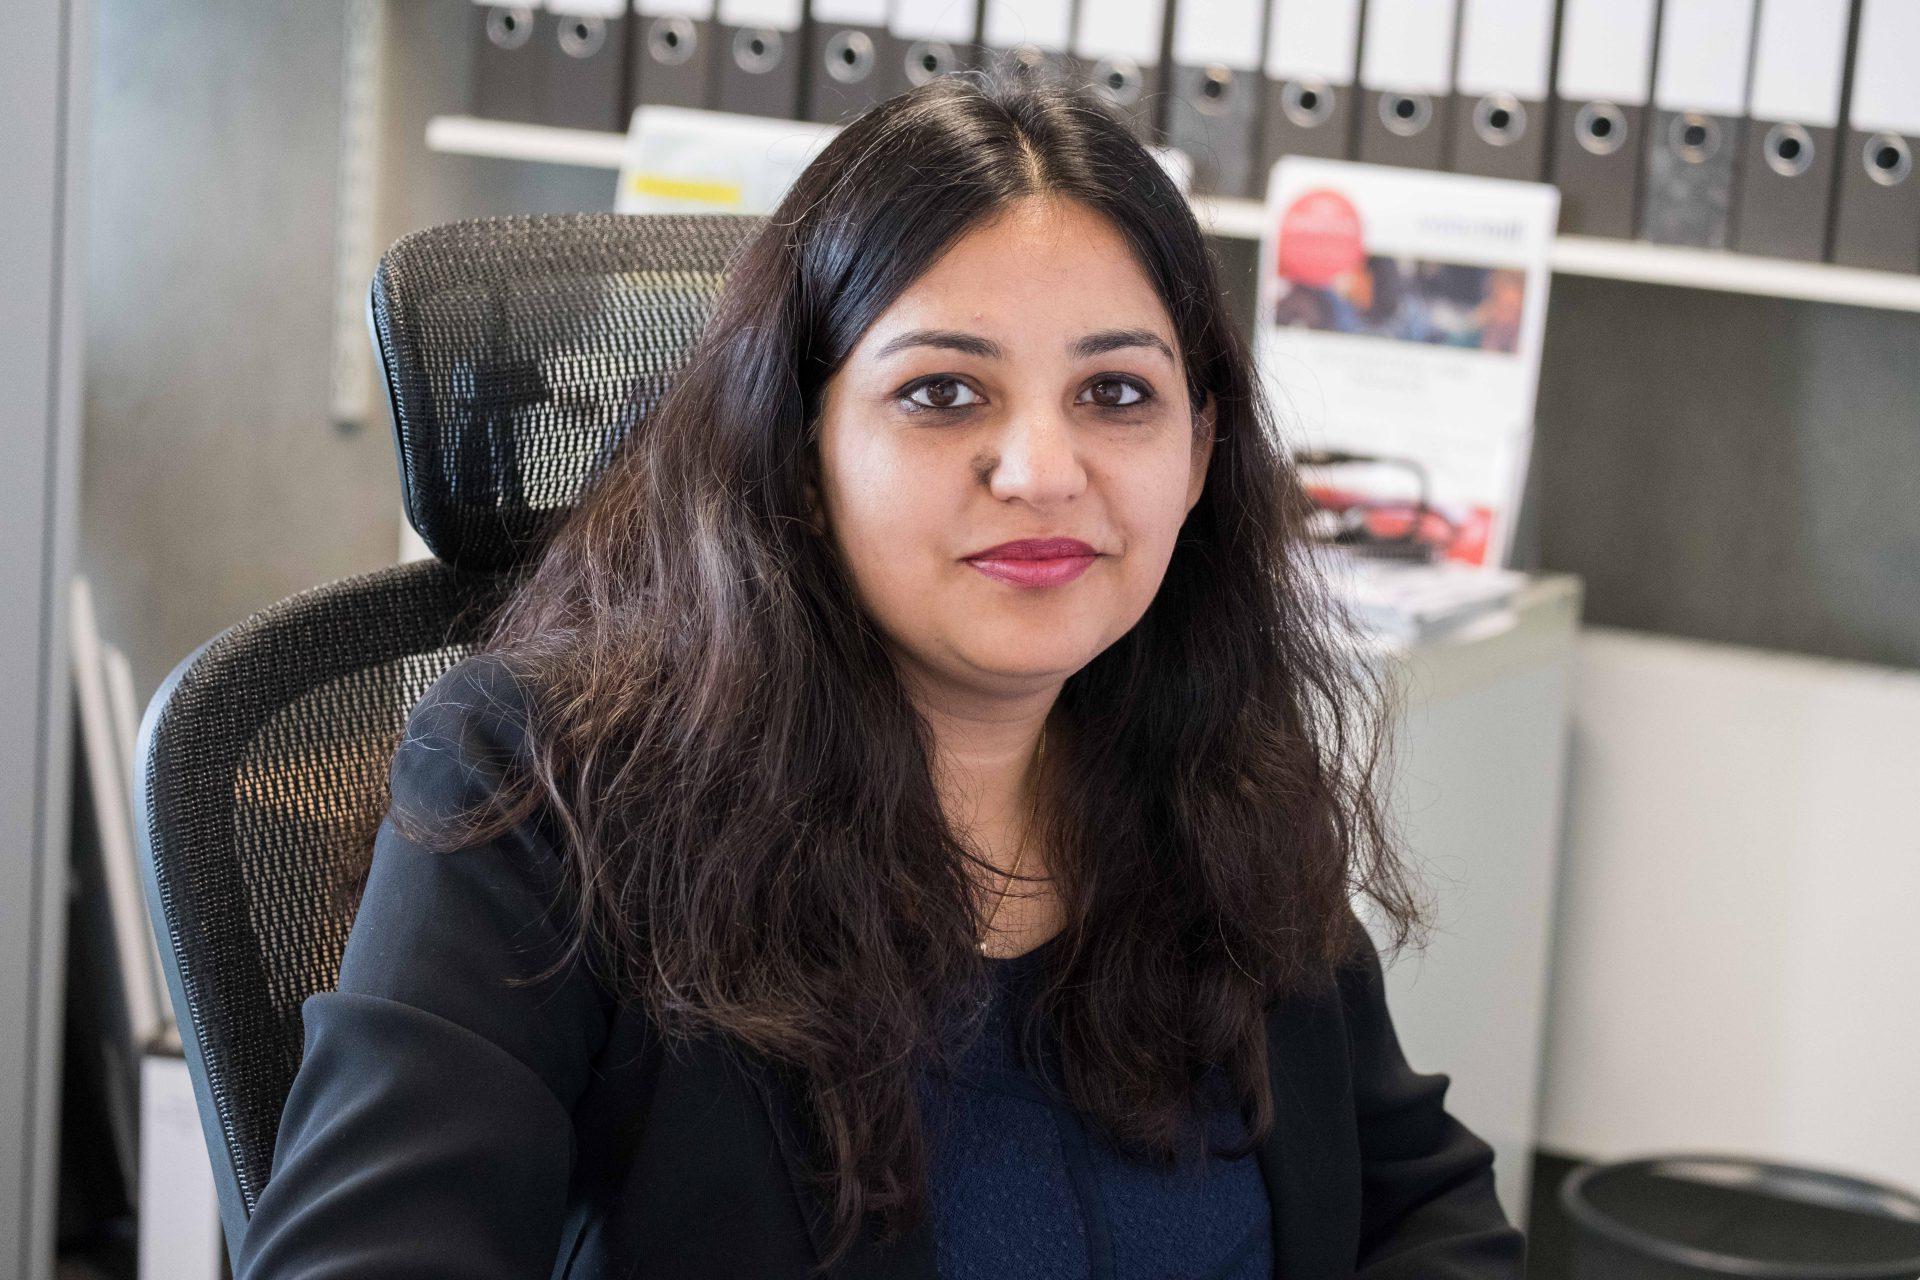 Deepti Agarwal